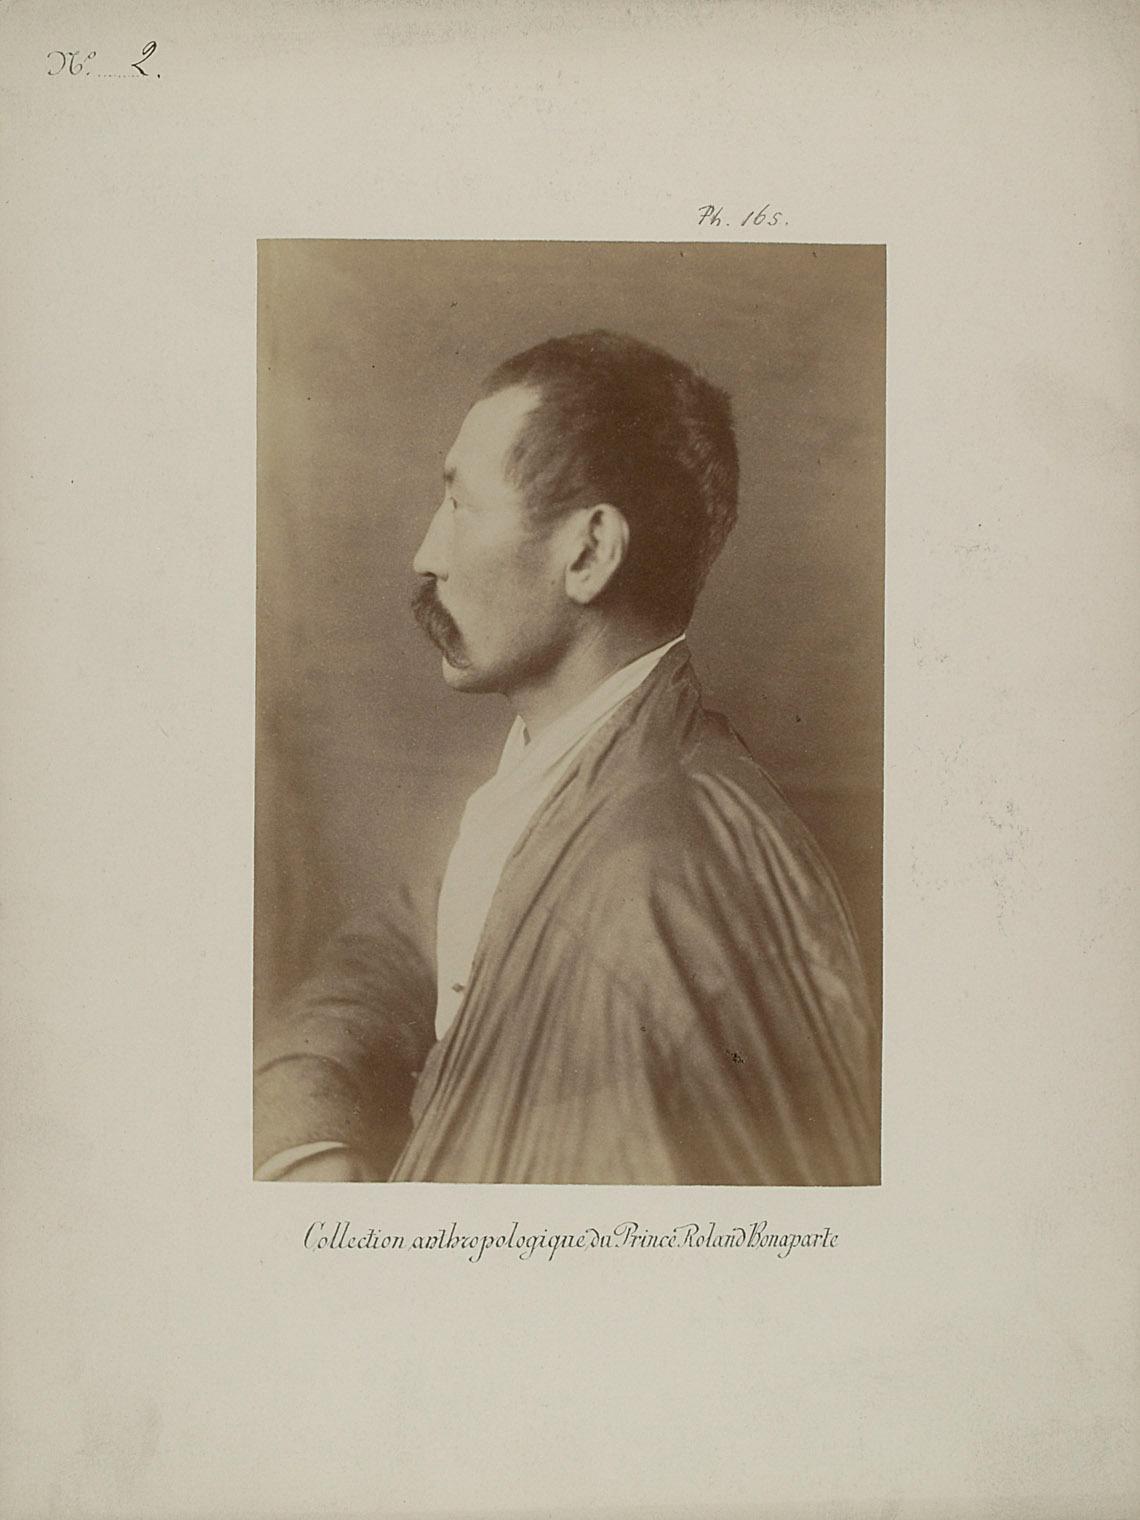 Eurupschild, Kalmükischer Priester. Profilansicht von Prinz Roland Napoléon Bonaparte